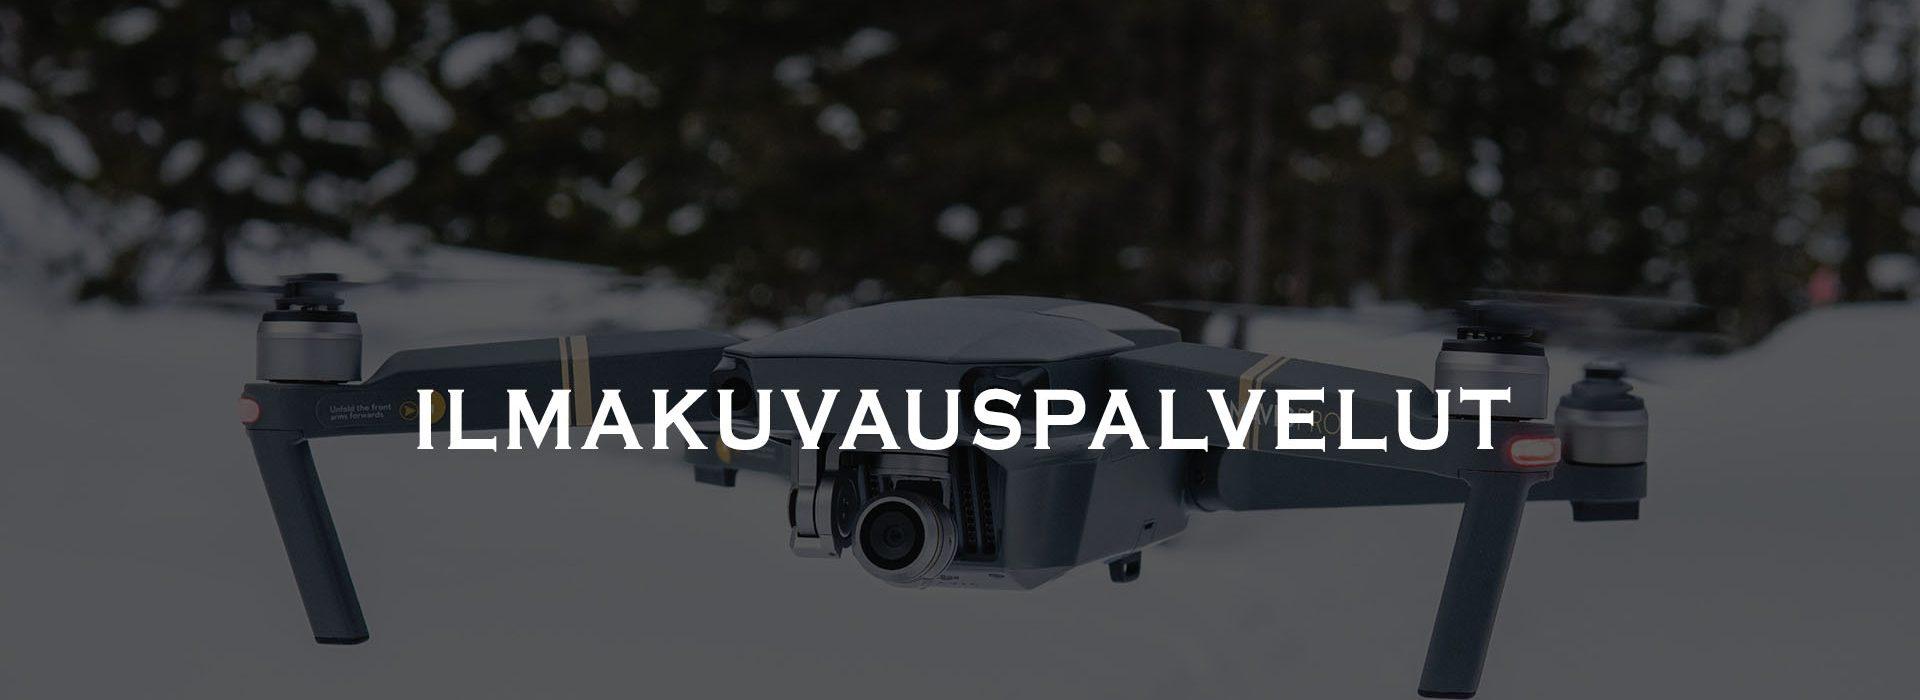 Ilmakuvauspalvelu - Kopterikuvaus Pohjois-Savossa, FinMacGyver Oy